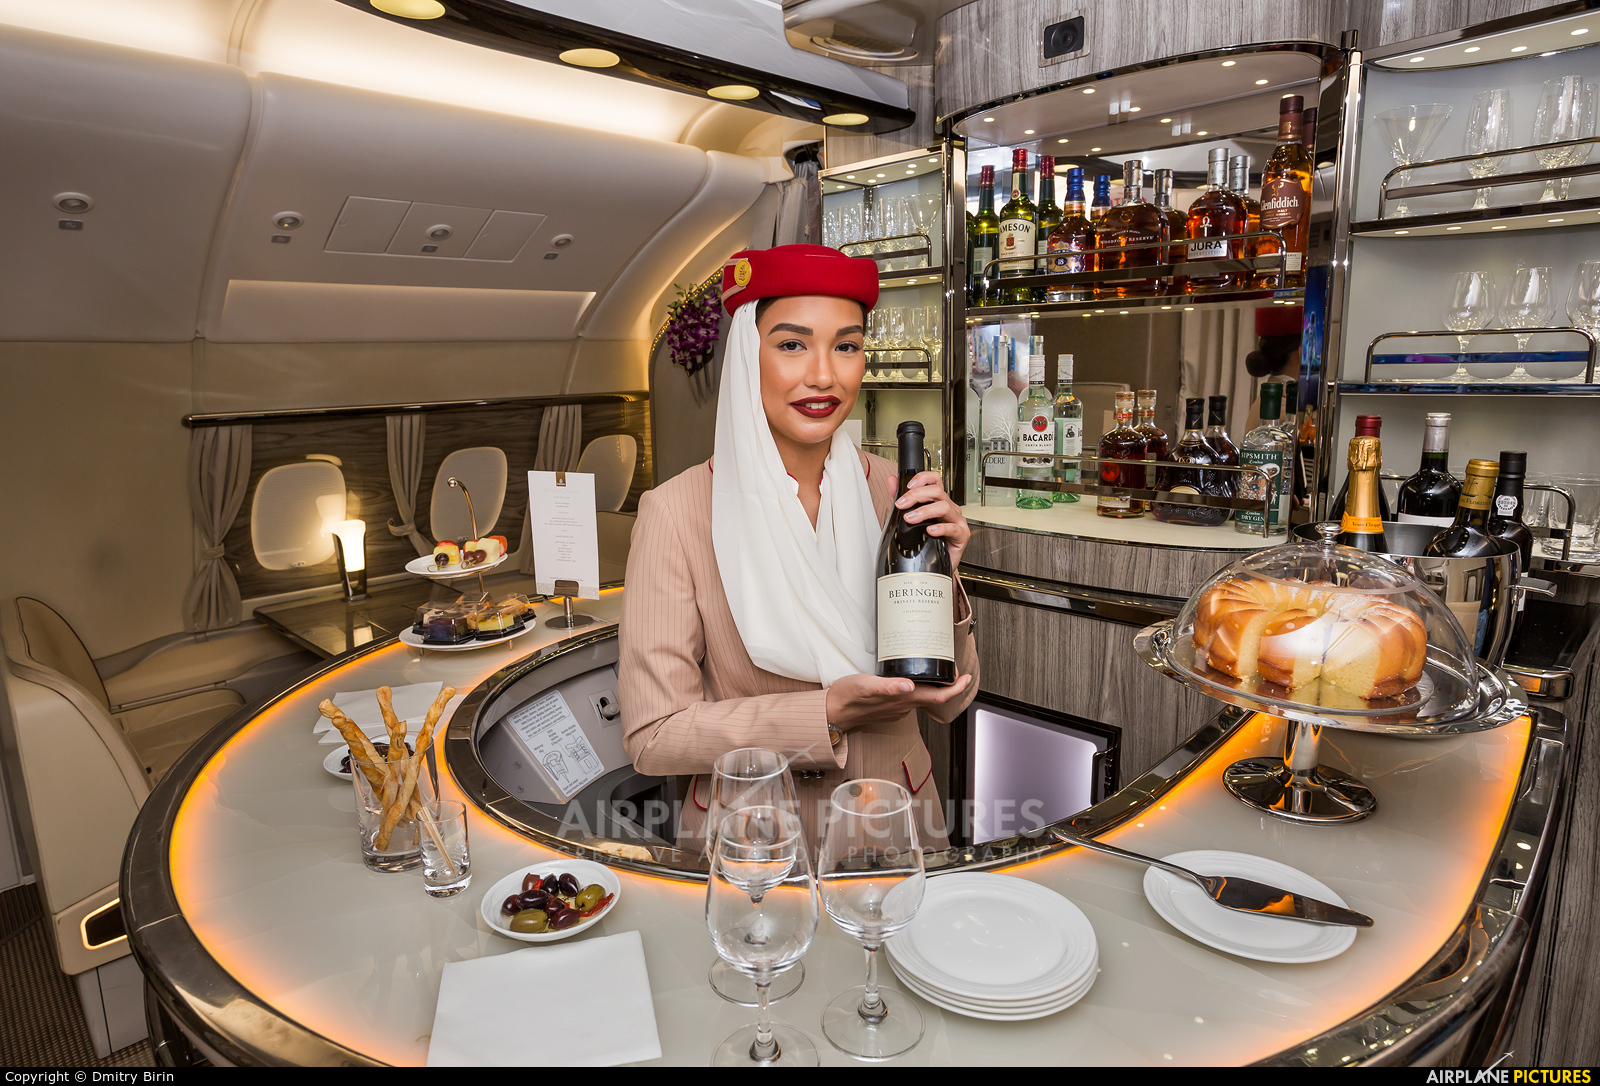 Emirates Airlines A6-EVH aircraft at Jebel Ali Al Maktoum Intl